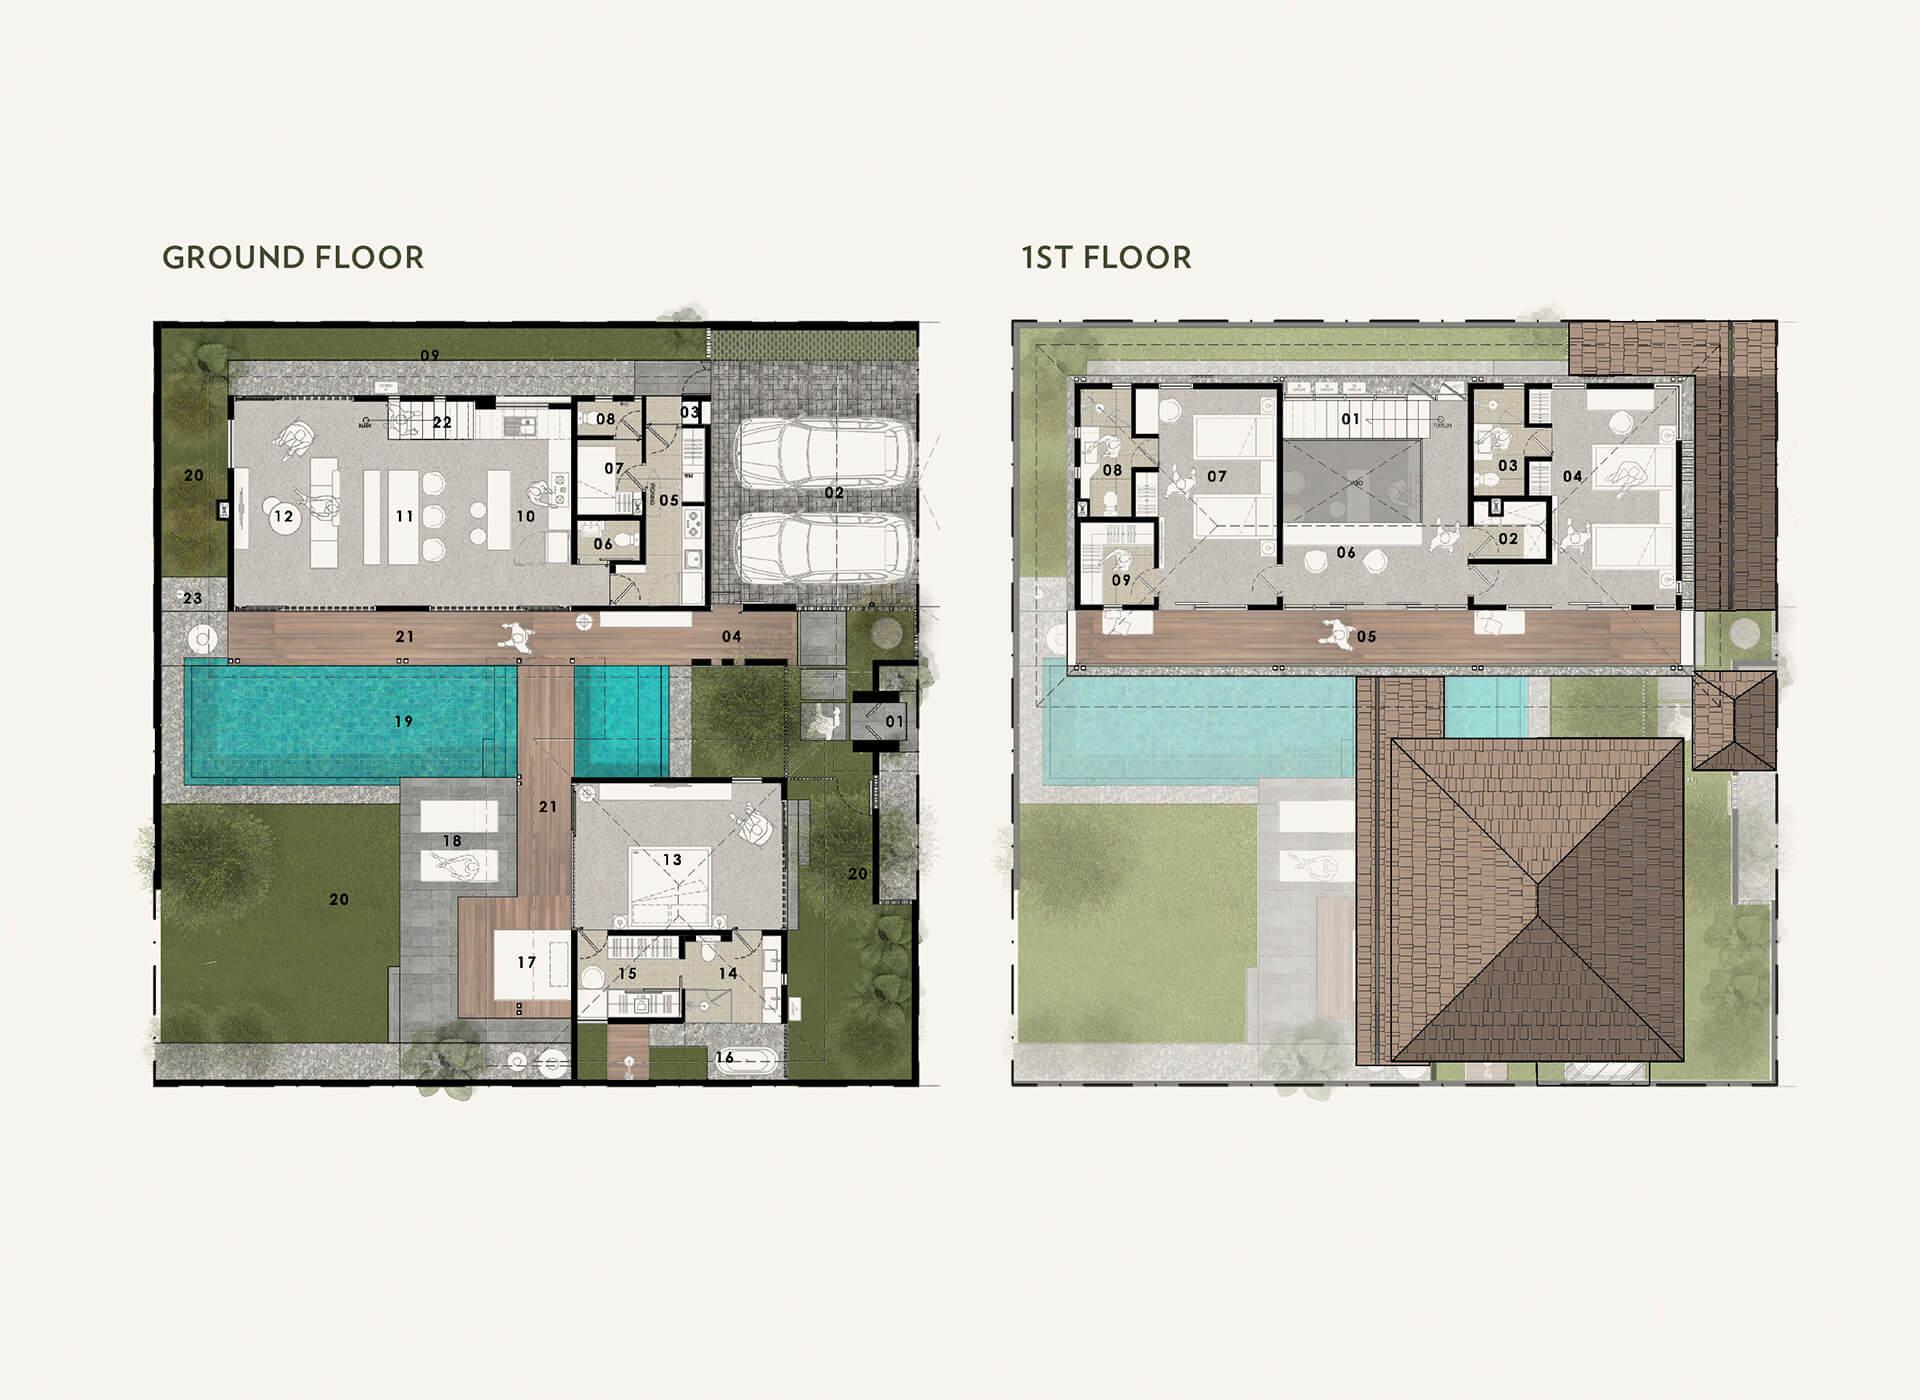 https://natadesa.com/wp-content/uploads/2021/08/Floorplan-endek.jpg